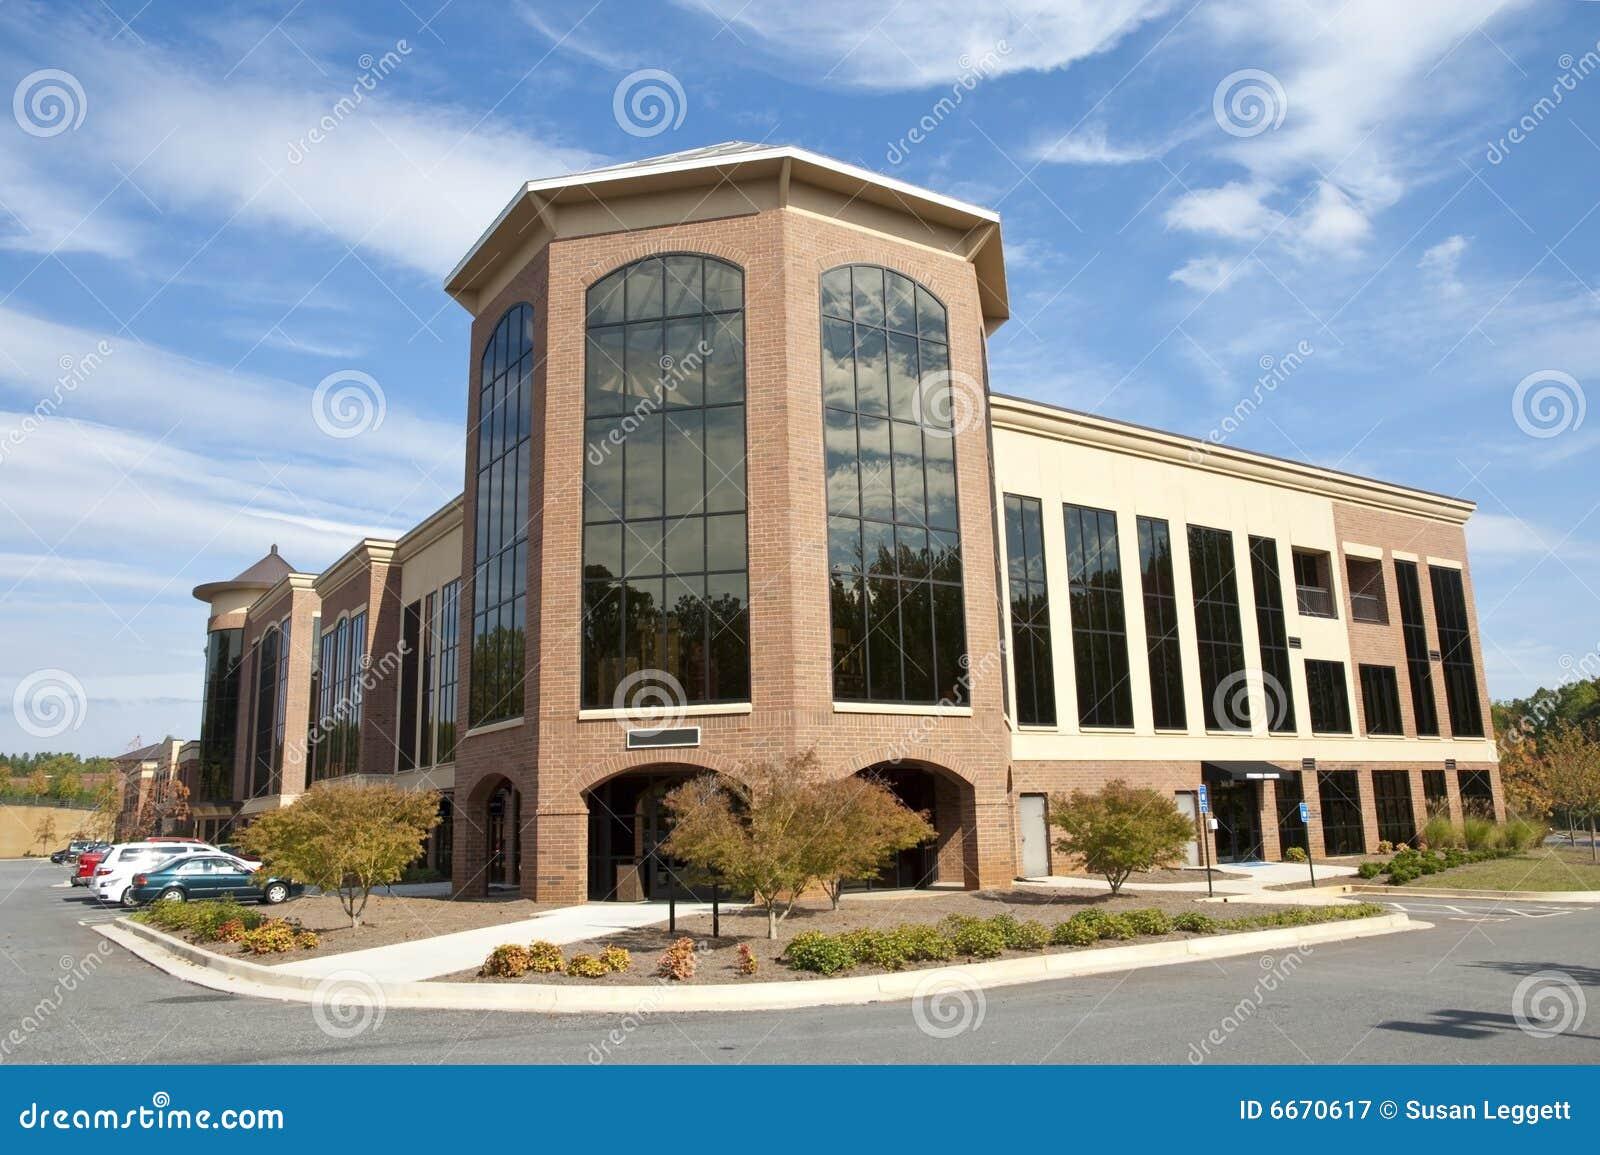 Immeuble de bureaux moderne image stock image du glace mail: 6670617